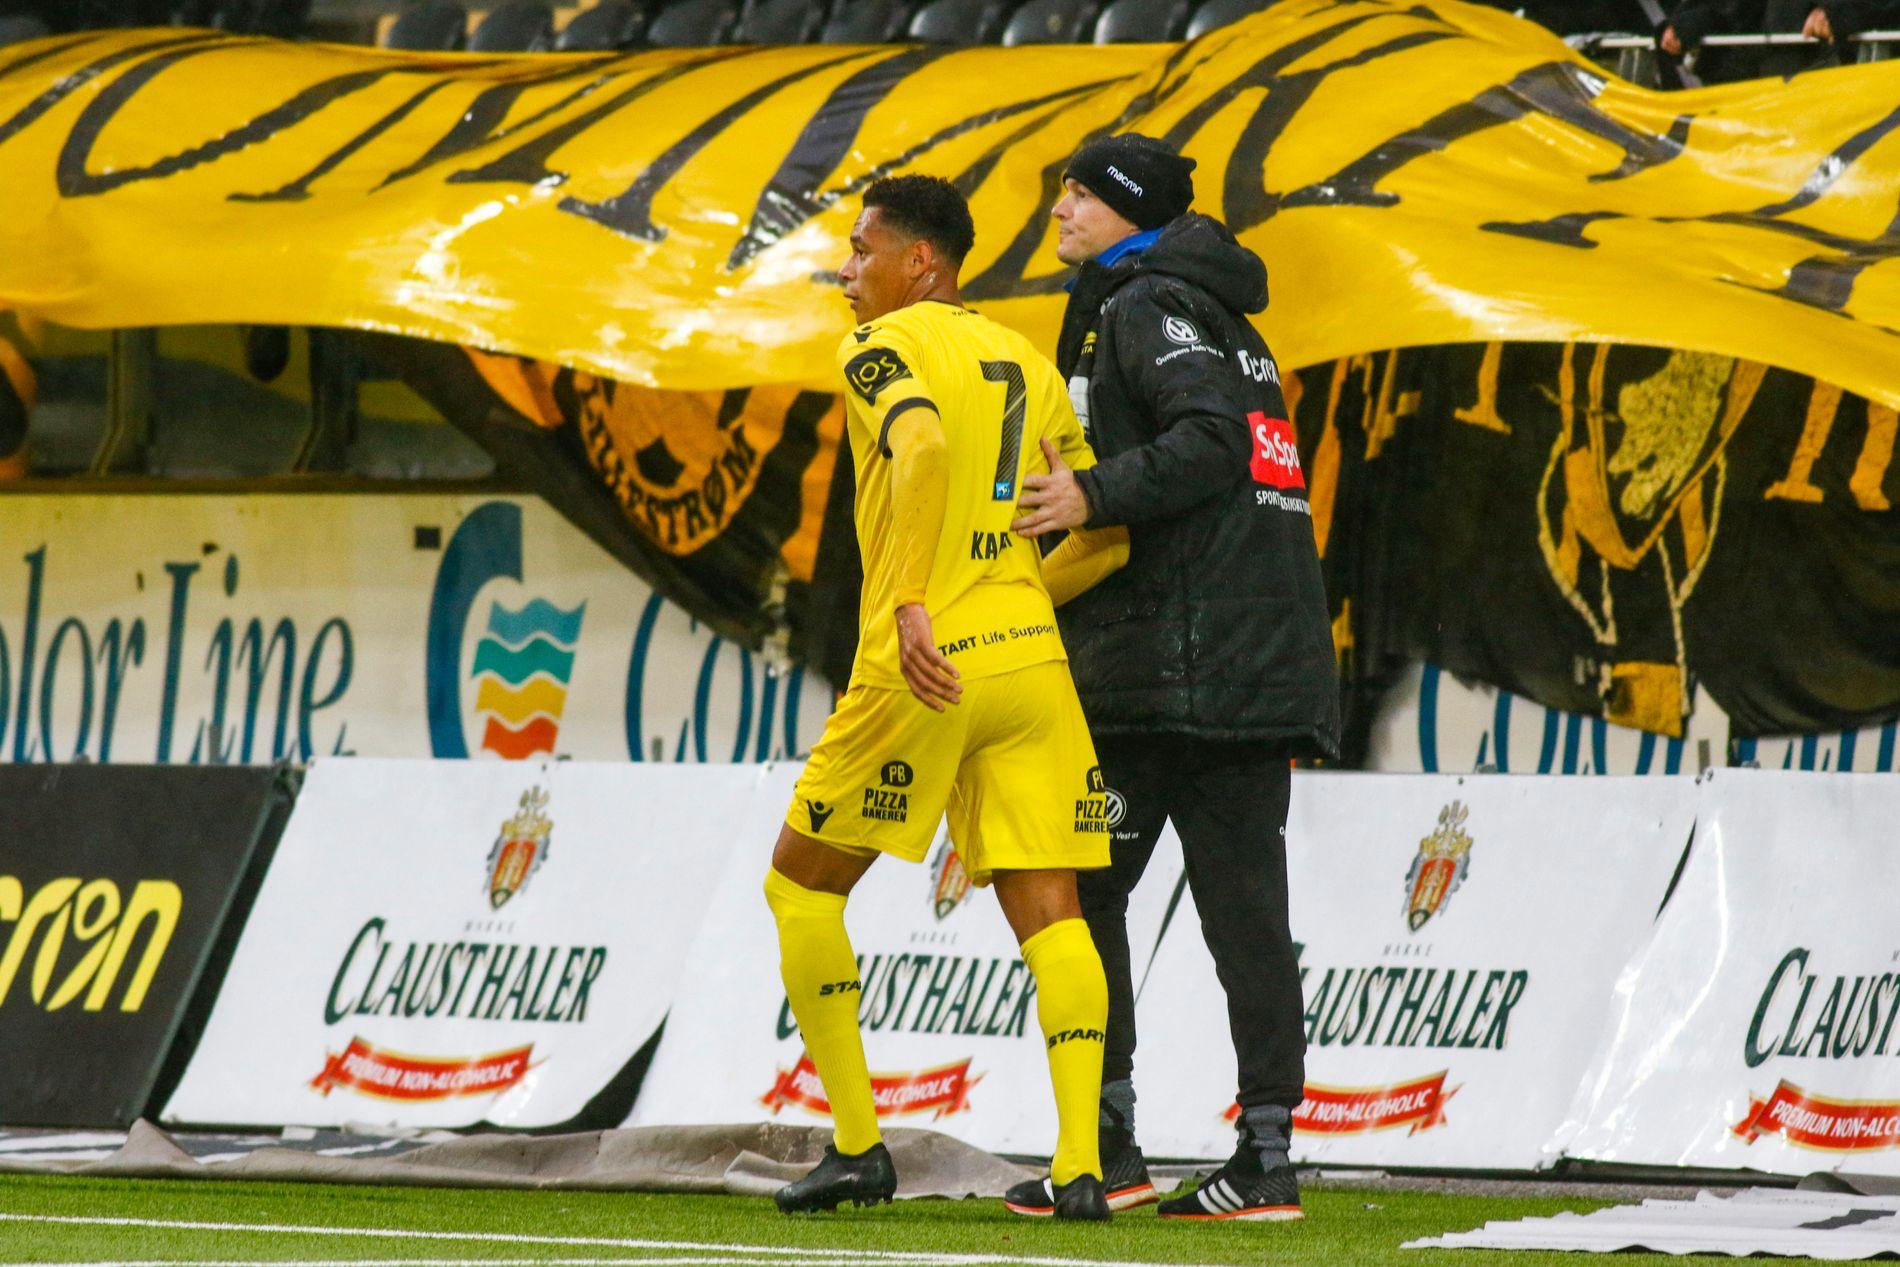 SKADET: Kevin Kabran hjelpes av banen etter å ha skadet seg mot Lillestrøm.